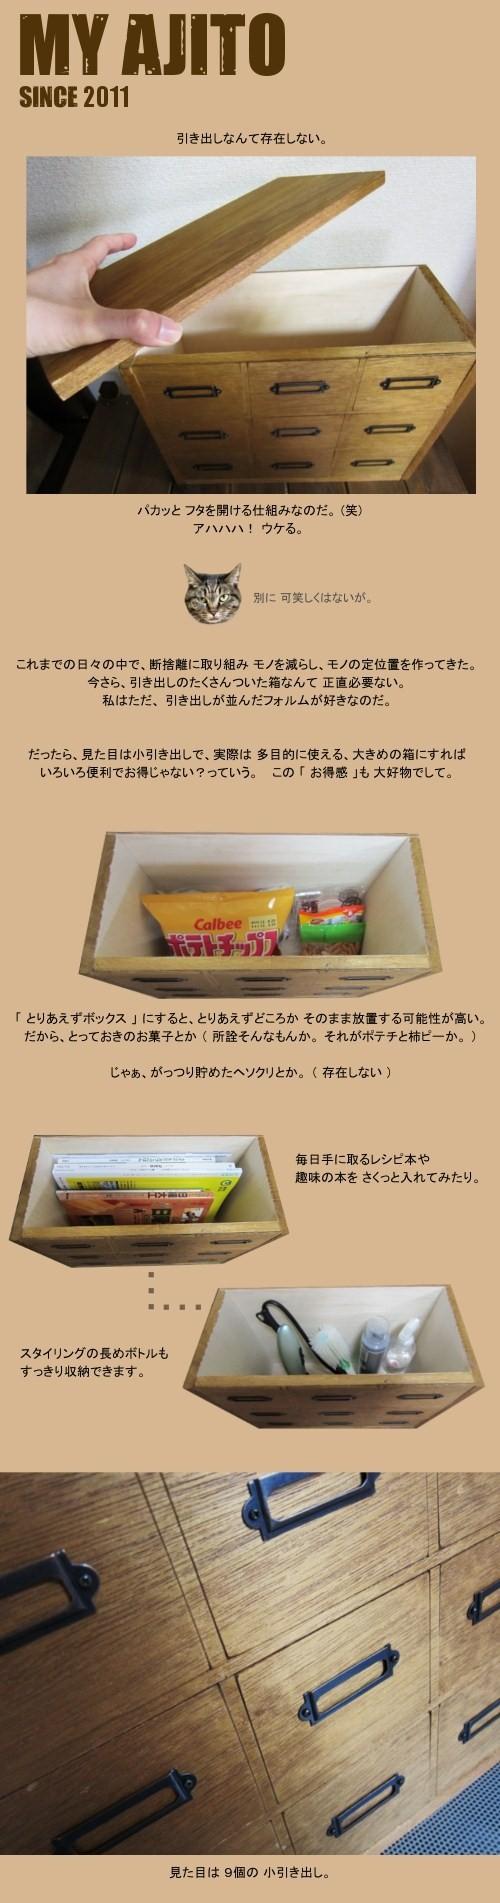 hiki_3.jpg